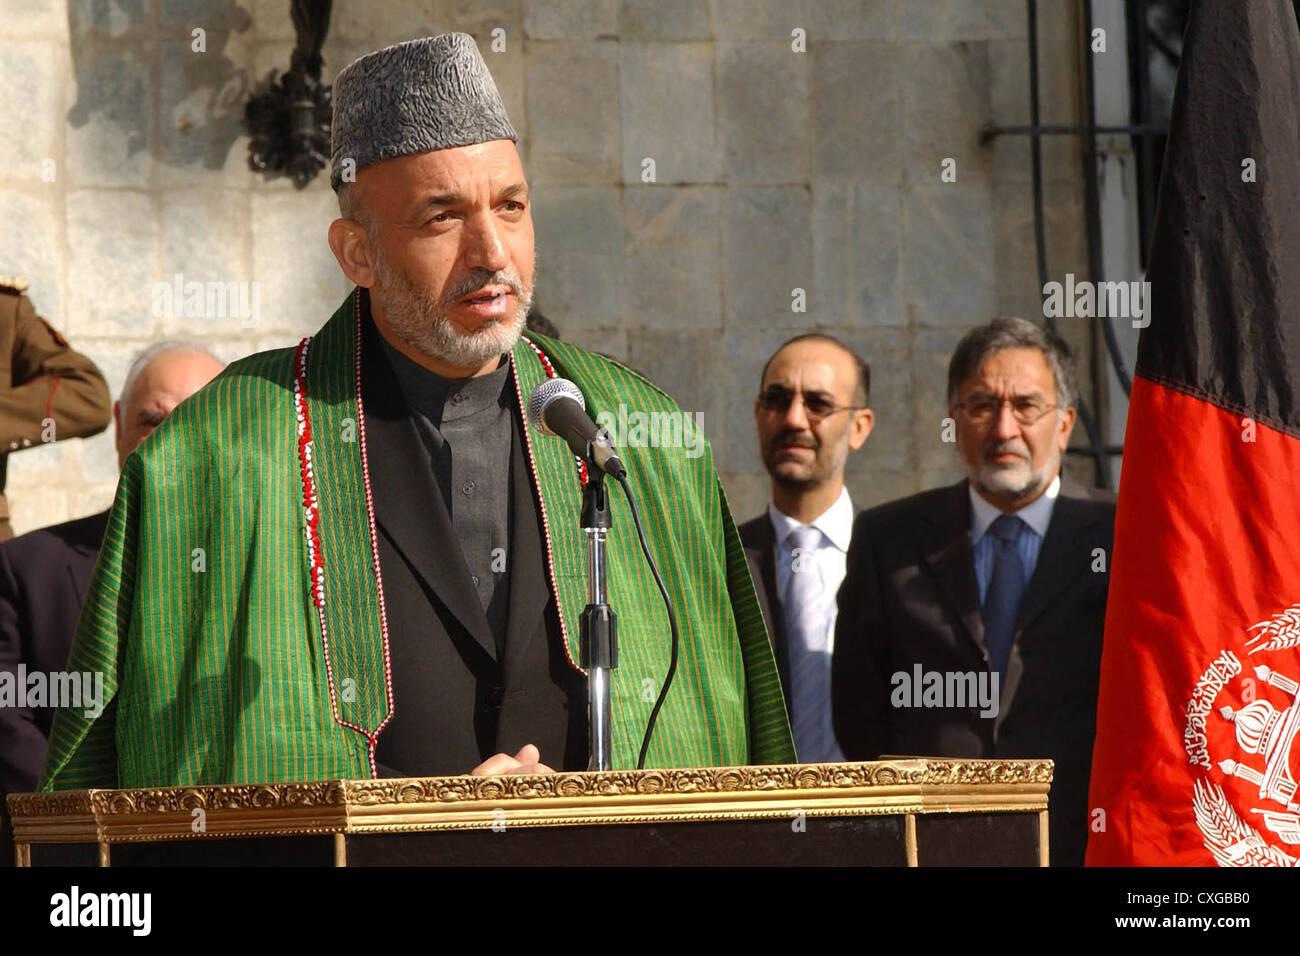 Afghanistan President Stock Photos & Afghanistan President